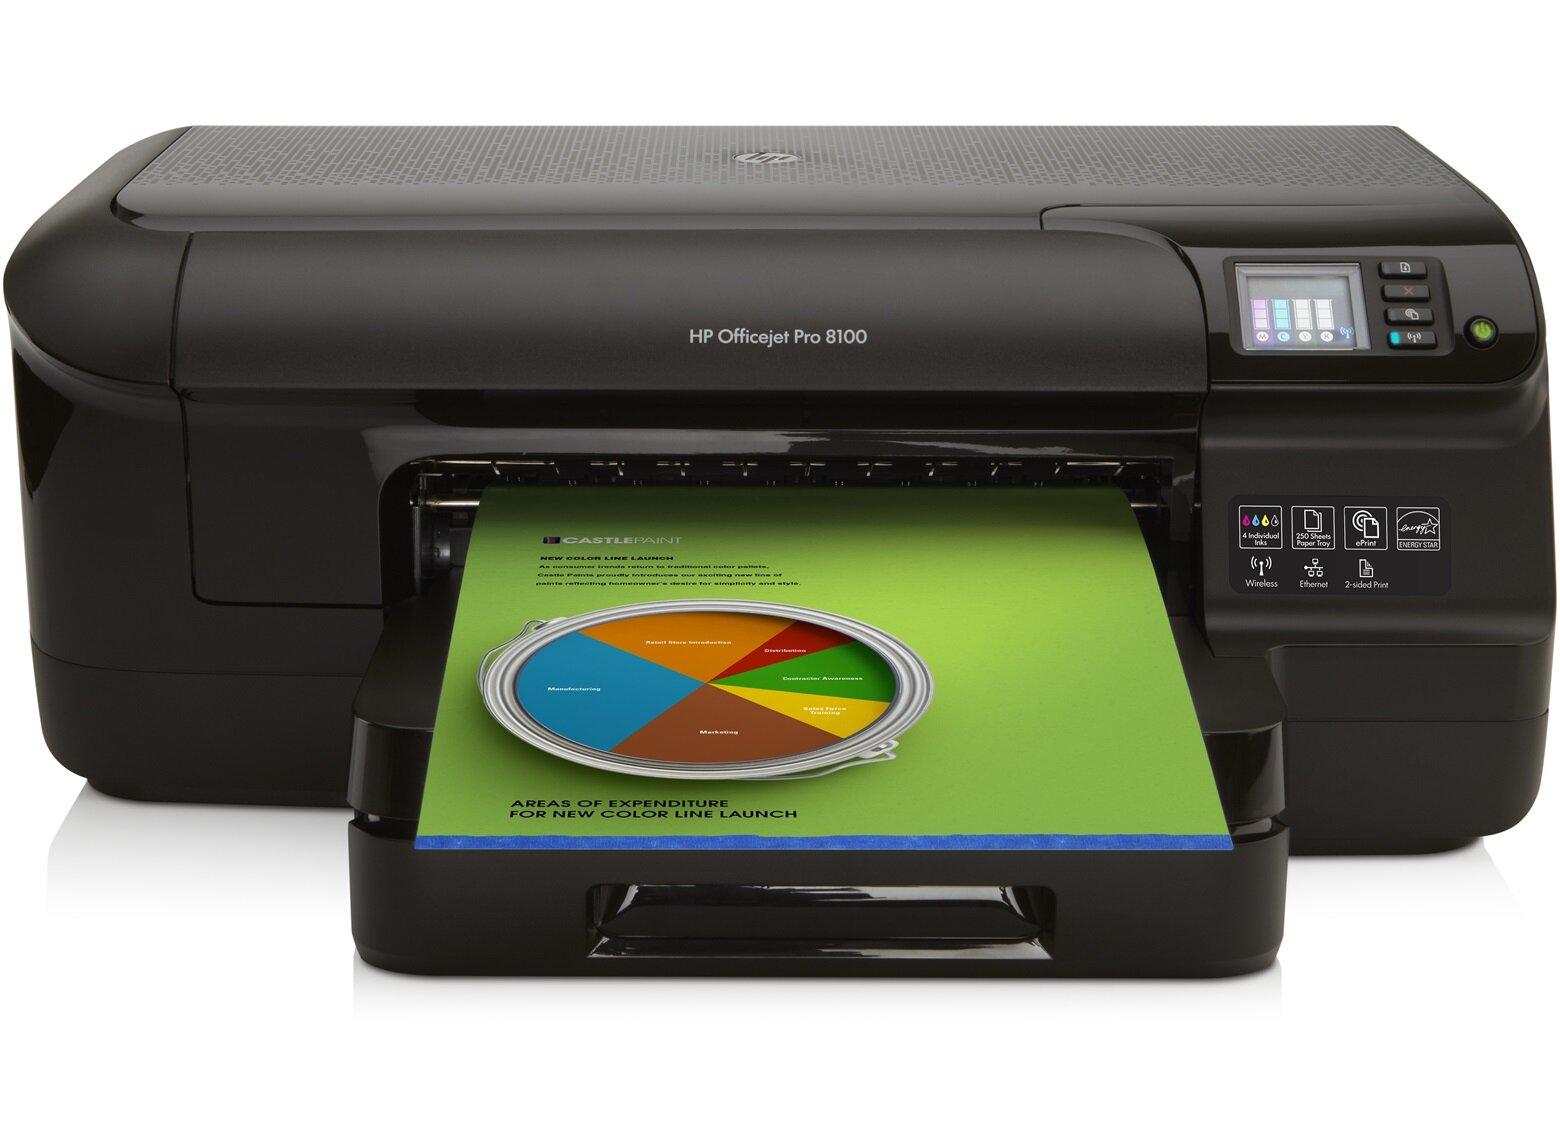 Đánh giá máy in đa năng HP Officejet Pro 8100